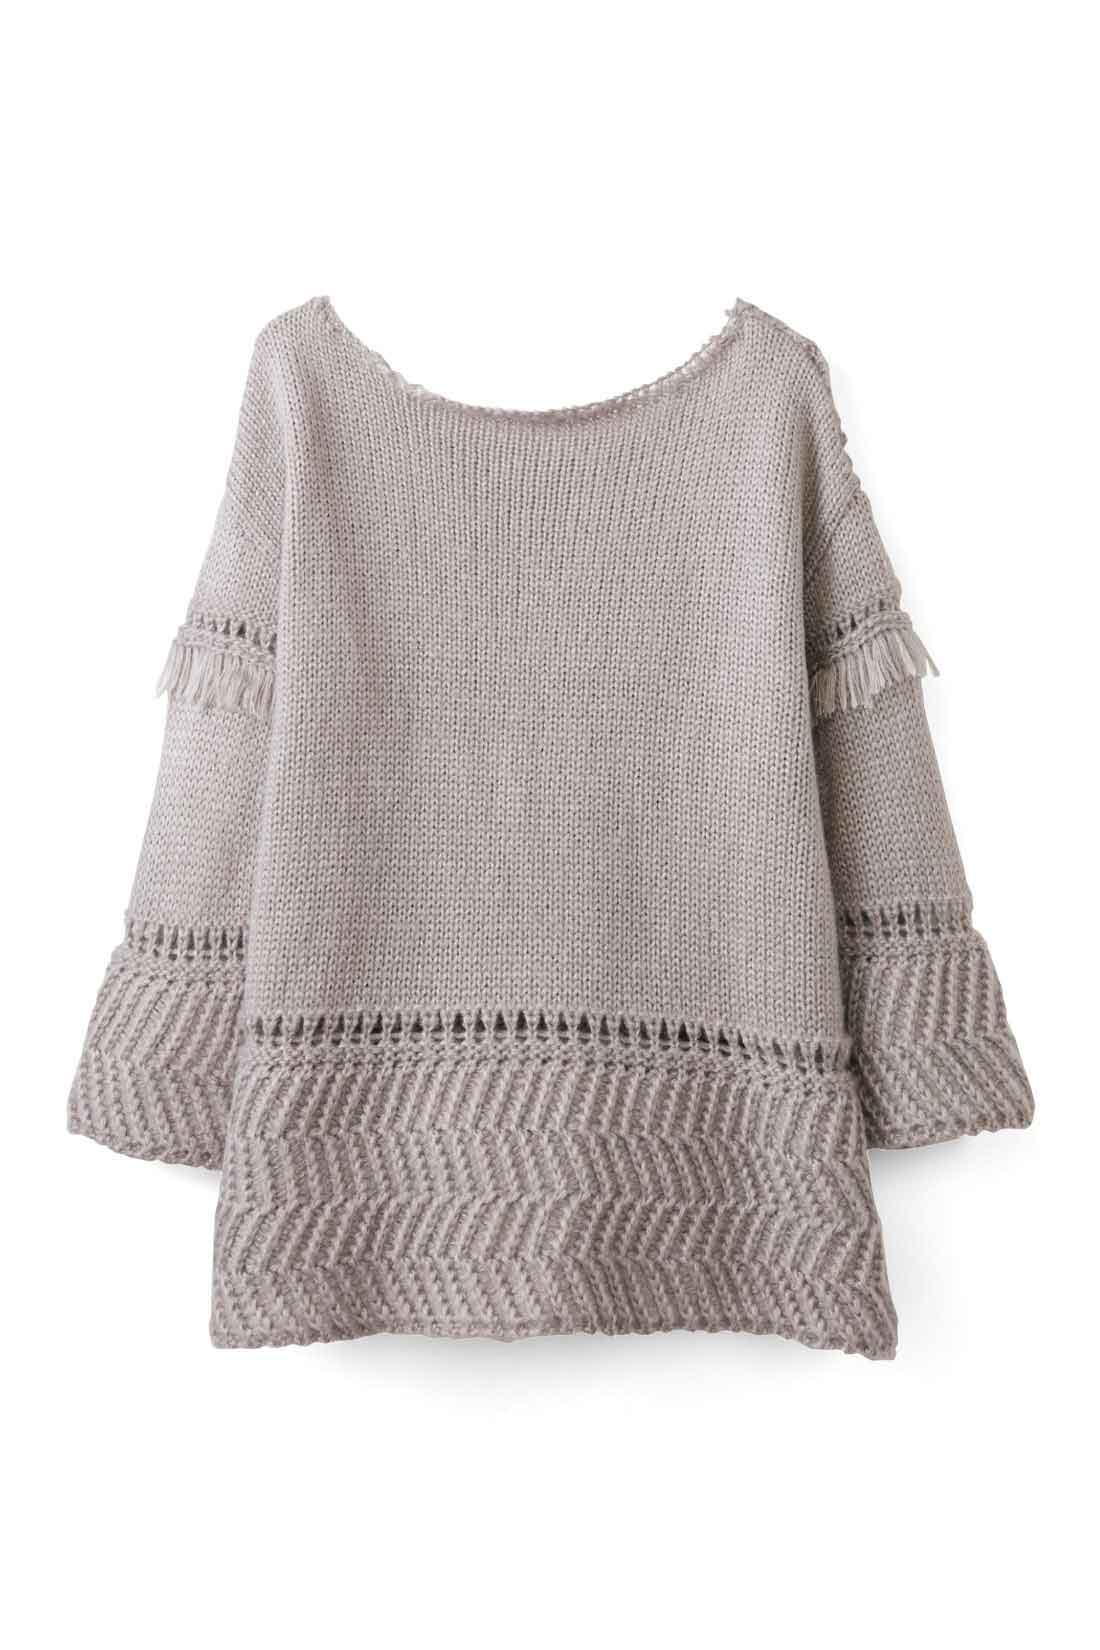 BACK すそ・袖の編み地を変えているから、後ろ姿も着映えます。